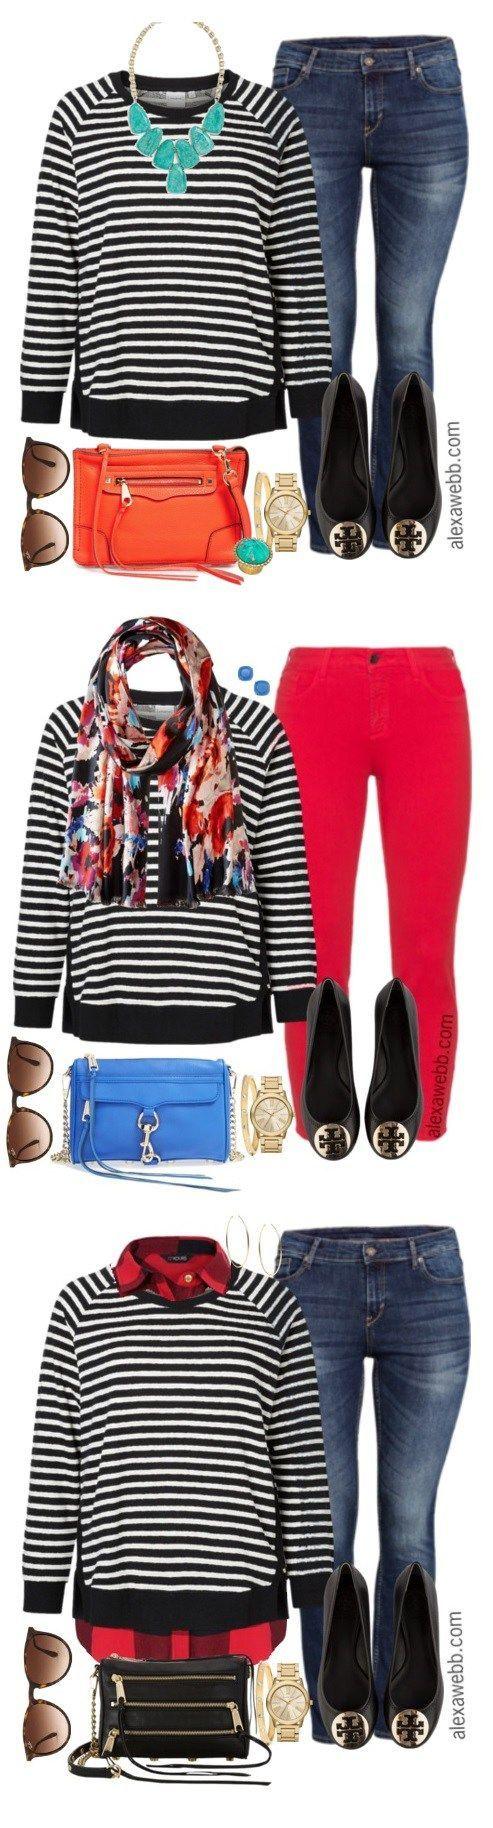 Plus Size Outfit Idea - Plus Size Jeans Outfit - Plus Size Fashion for Women - alexawebb.com #alexawebb #plus #size